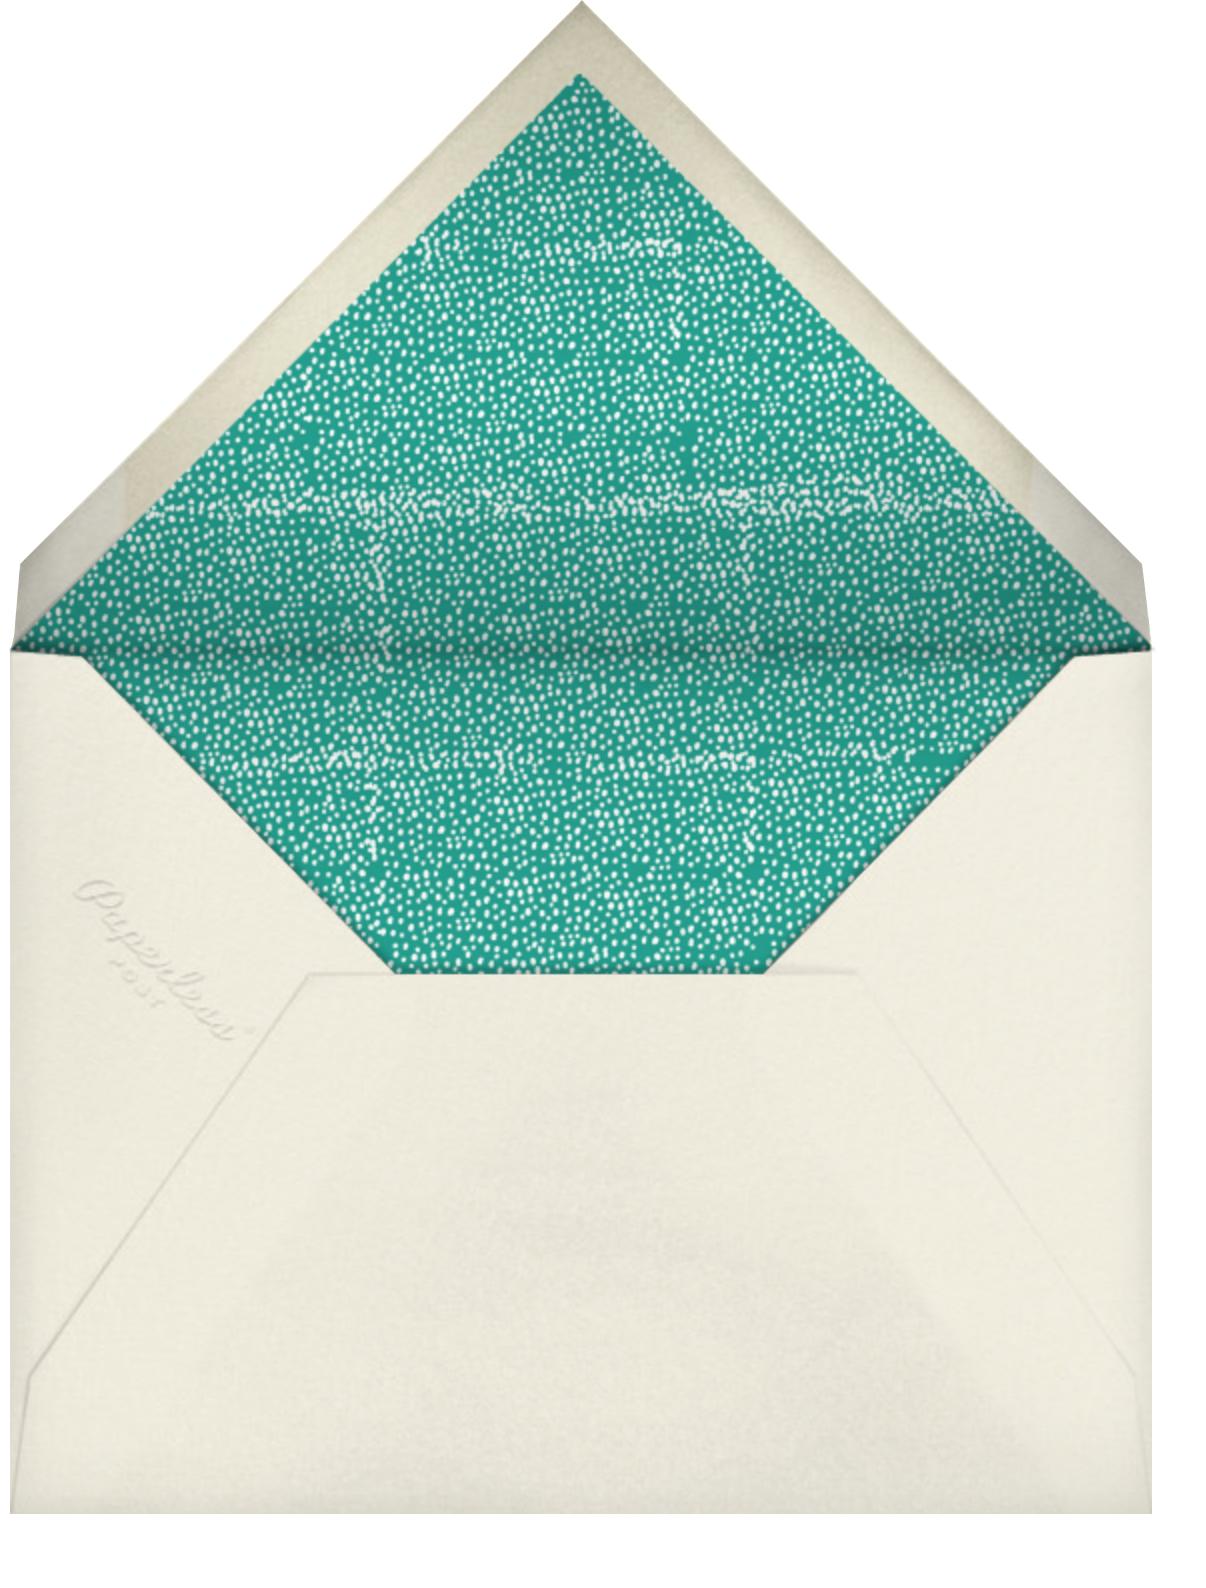 Bringing up Baby - Mr. Boddington's Studio - Baby shower - envelope back